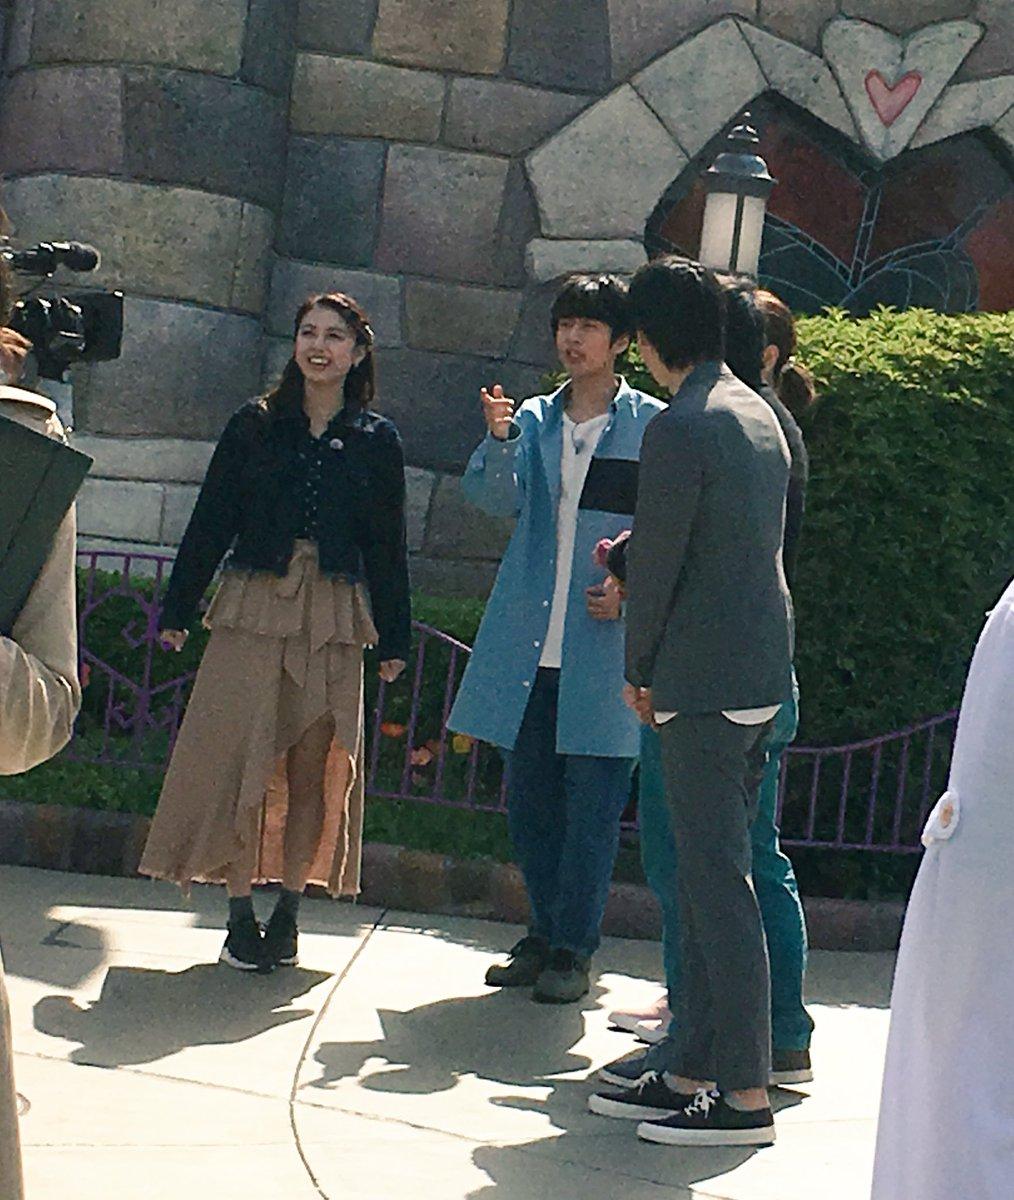 KAT-TUN・中丸雄一がディズニーランドで「シューイチ」のロケ→ディズニークラスタ大興奮wwwww